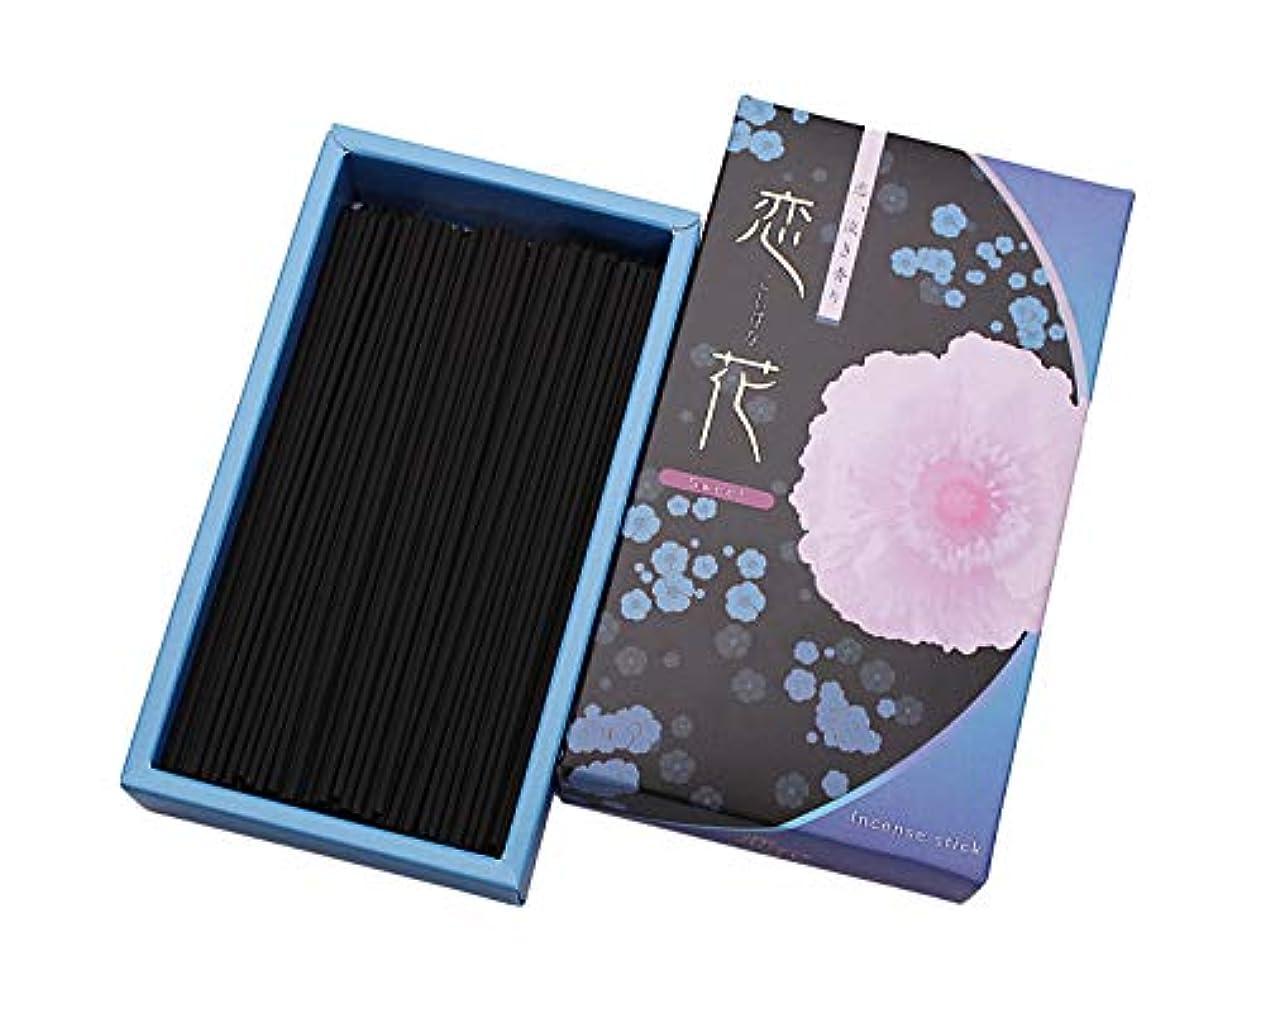 豊富なバブル残り尚林堂 恋花 スイート スィート 約14cm 159120-6100